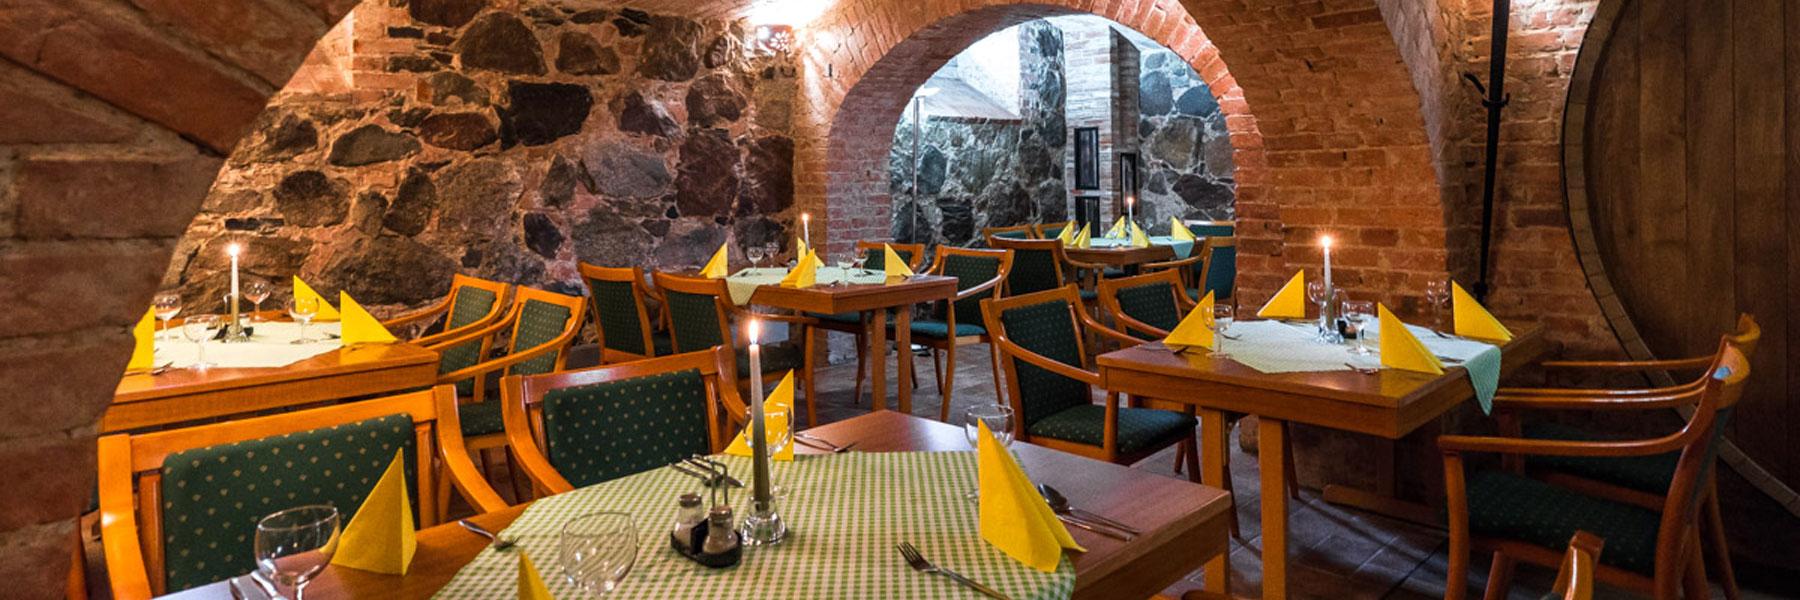 Restaurant im Gewölbekeller - Landhotel Zur Scheune